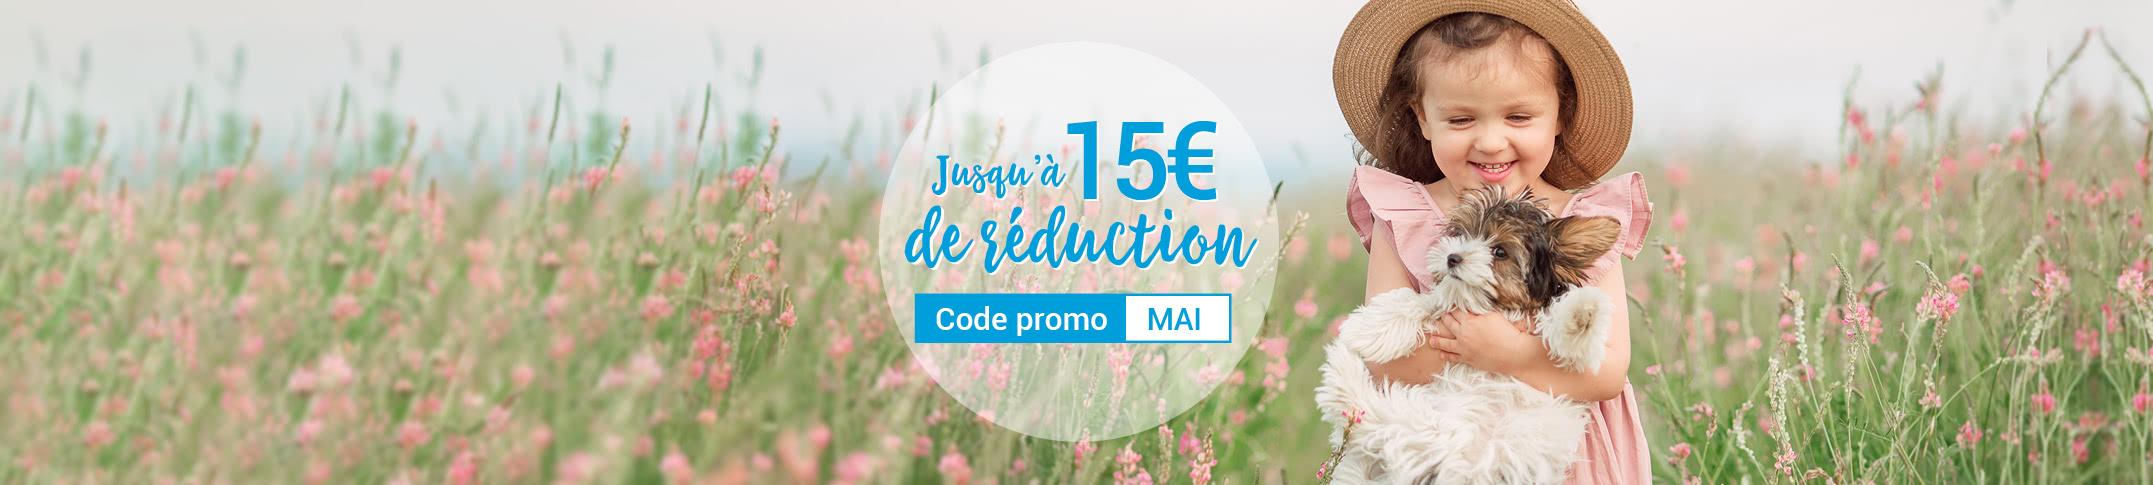 Code promo réduction smartphoto - l'offre du mois